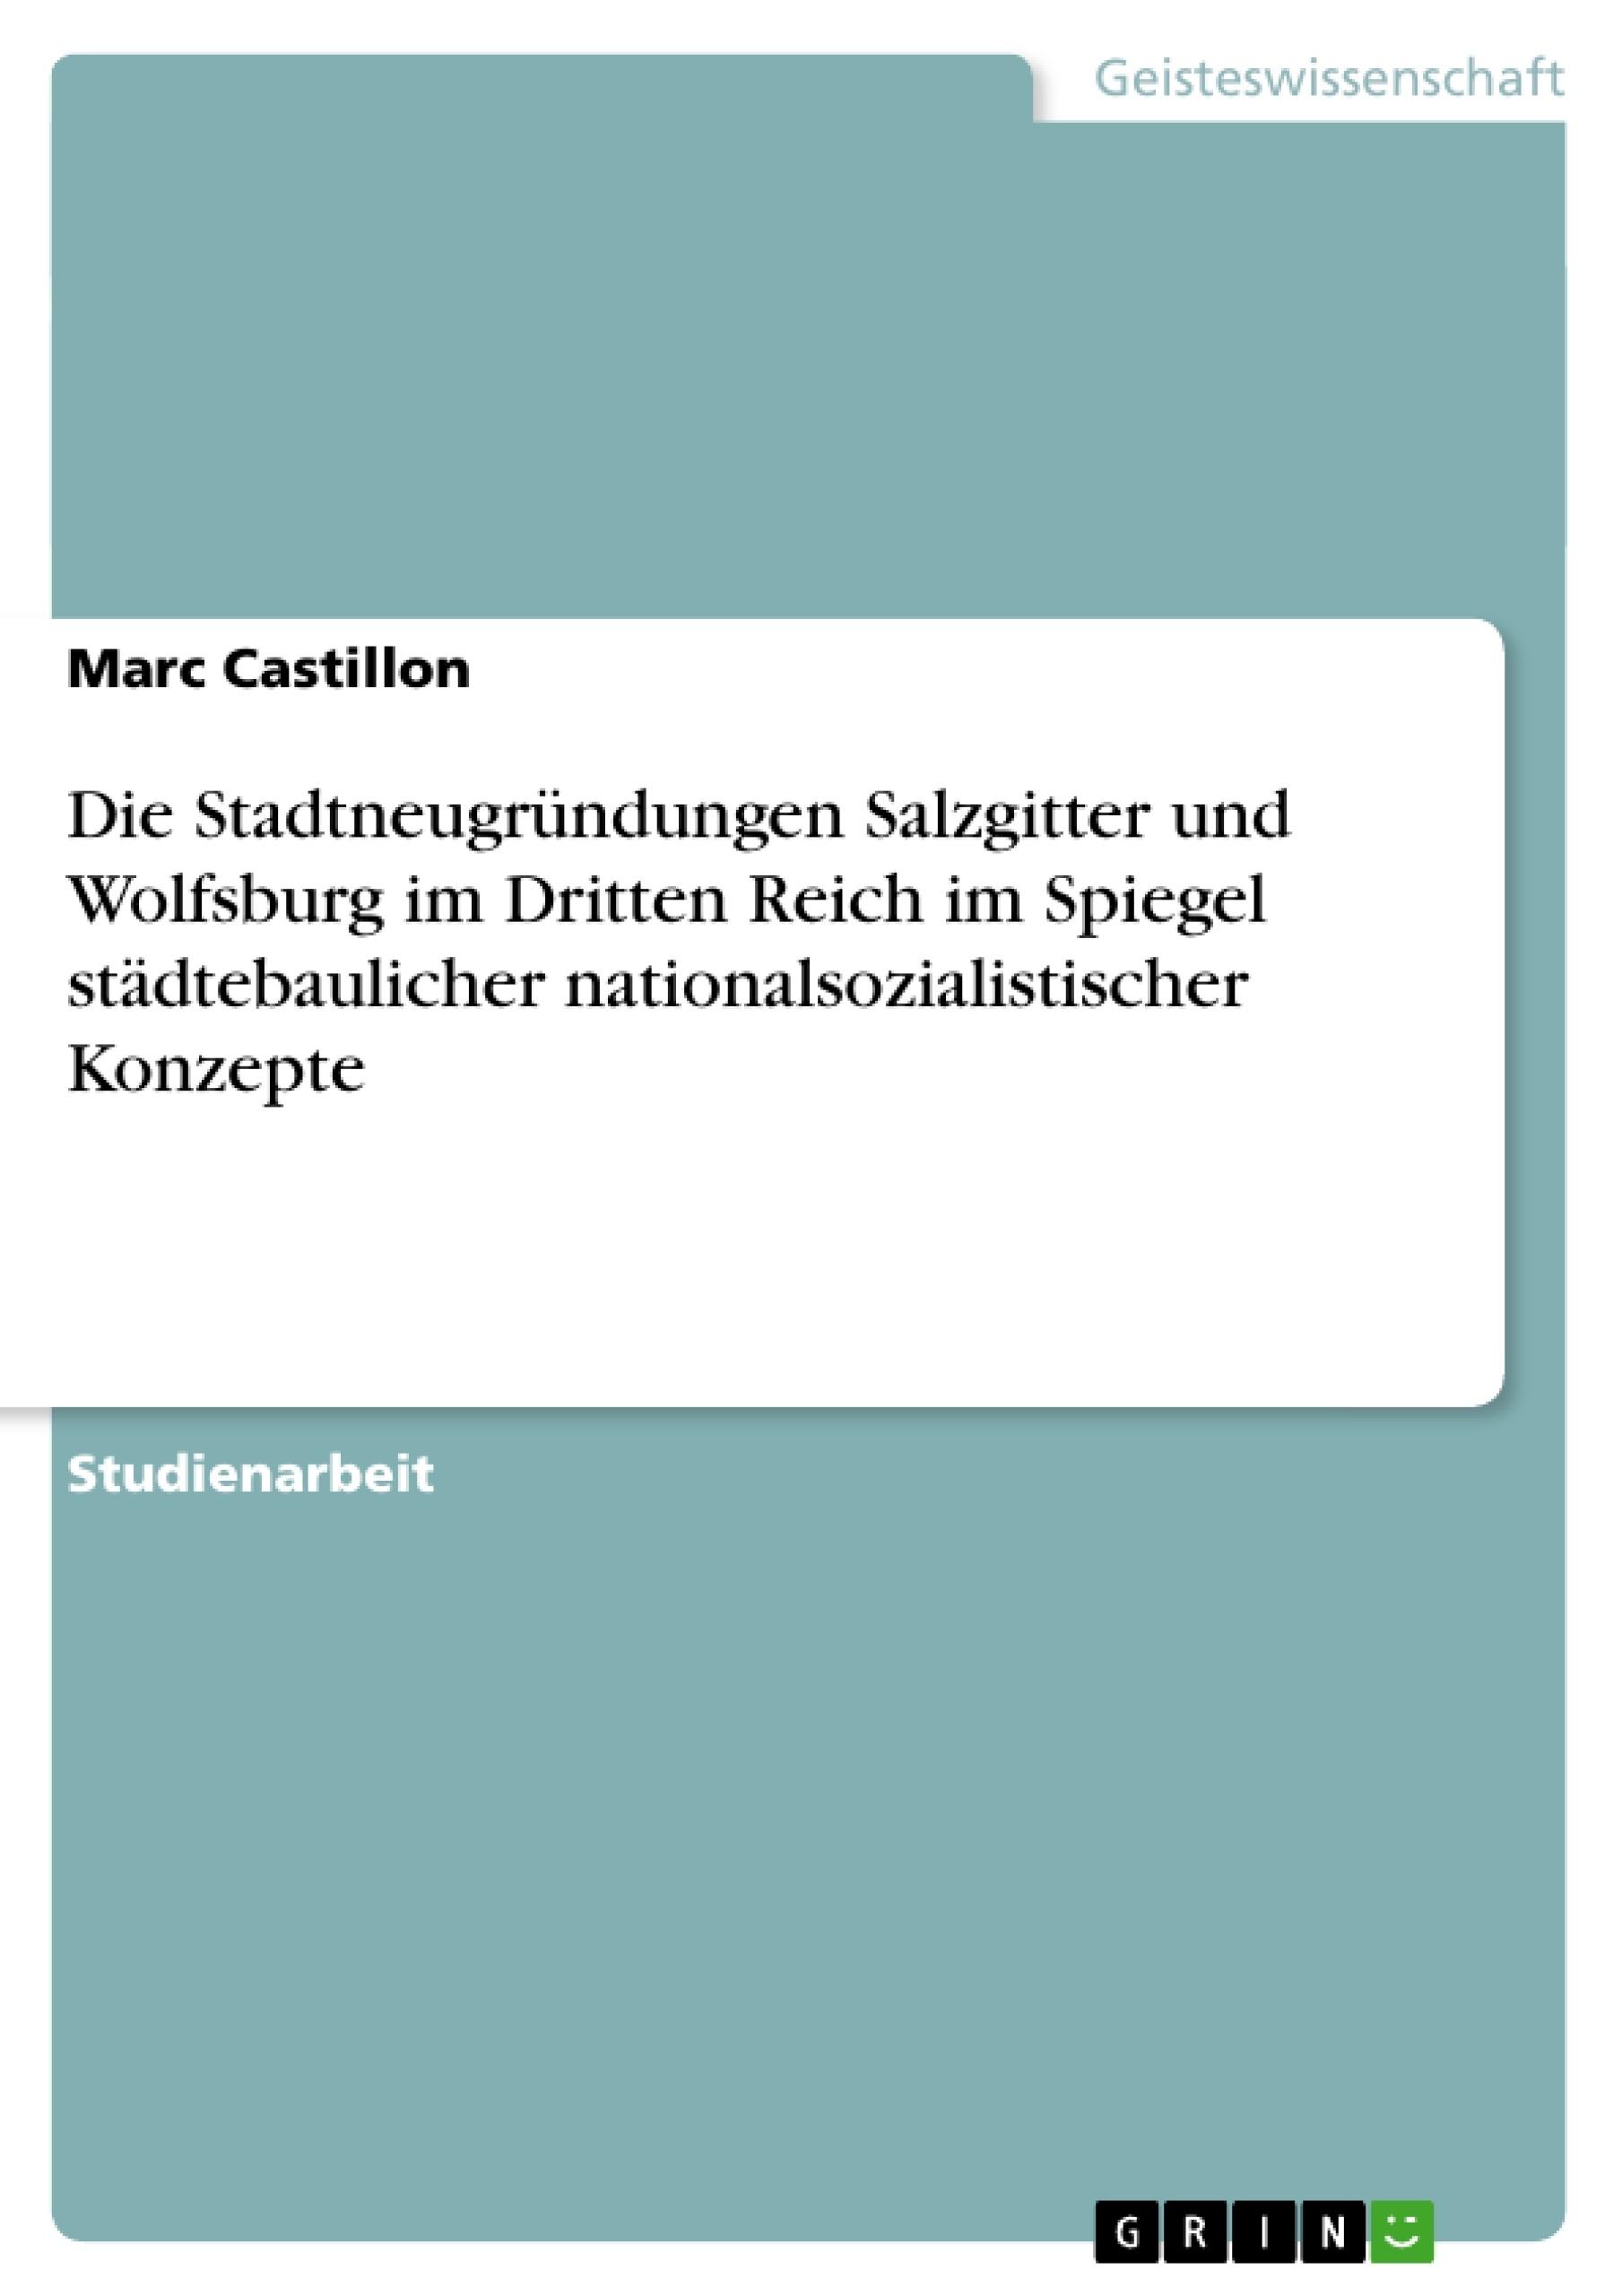 Titel: Die Stadtneugründungen Salzgitter und Wolfsburg im Dritten Reich im Spiegel städtebaulicher nationalsozialistischer Konzepte